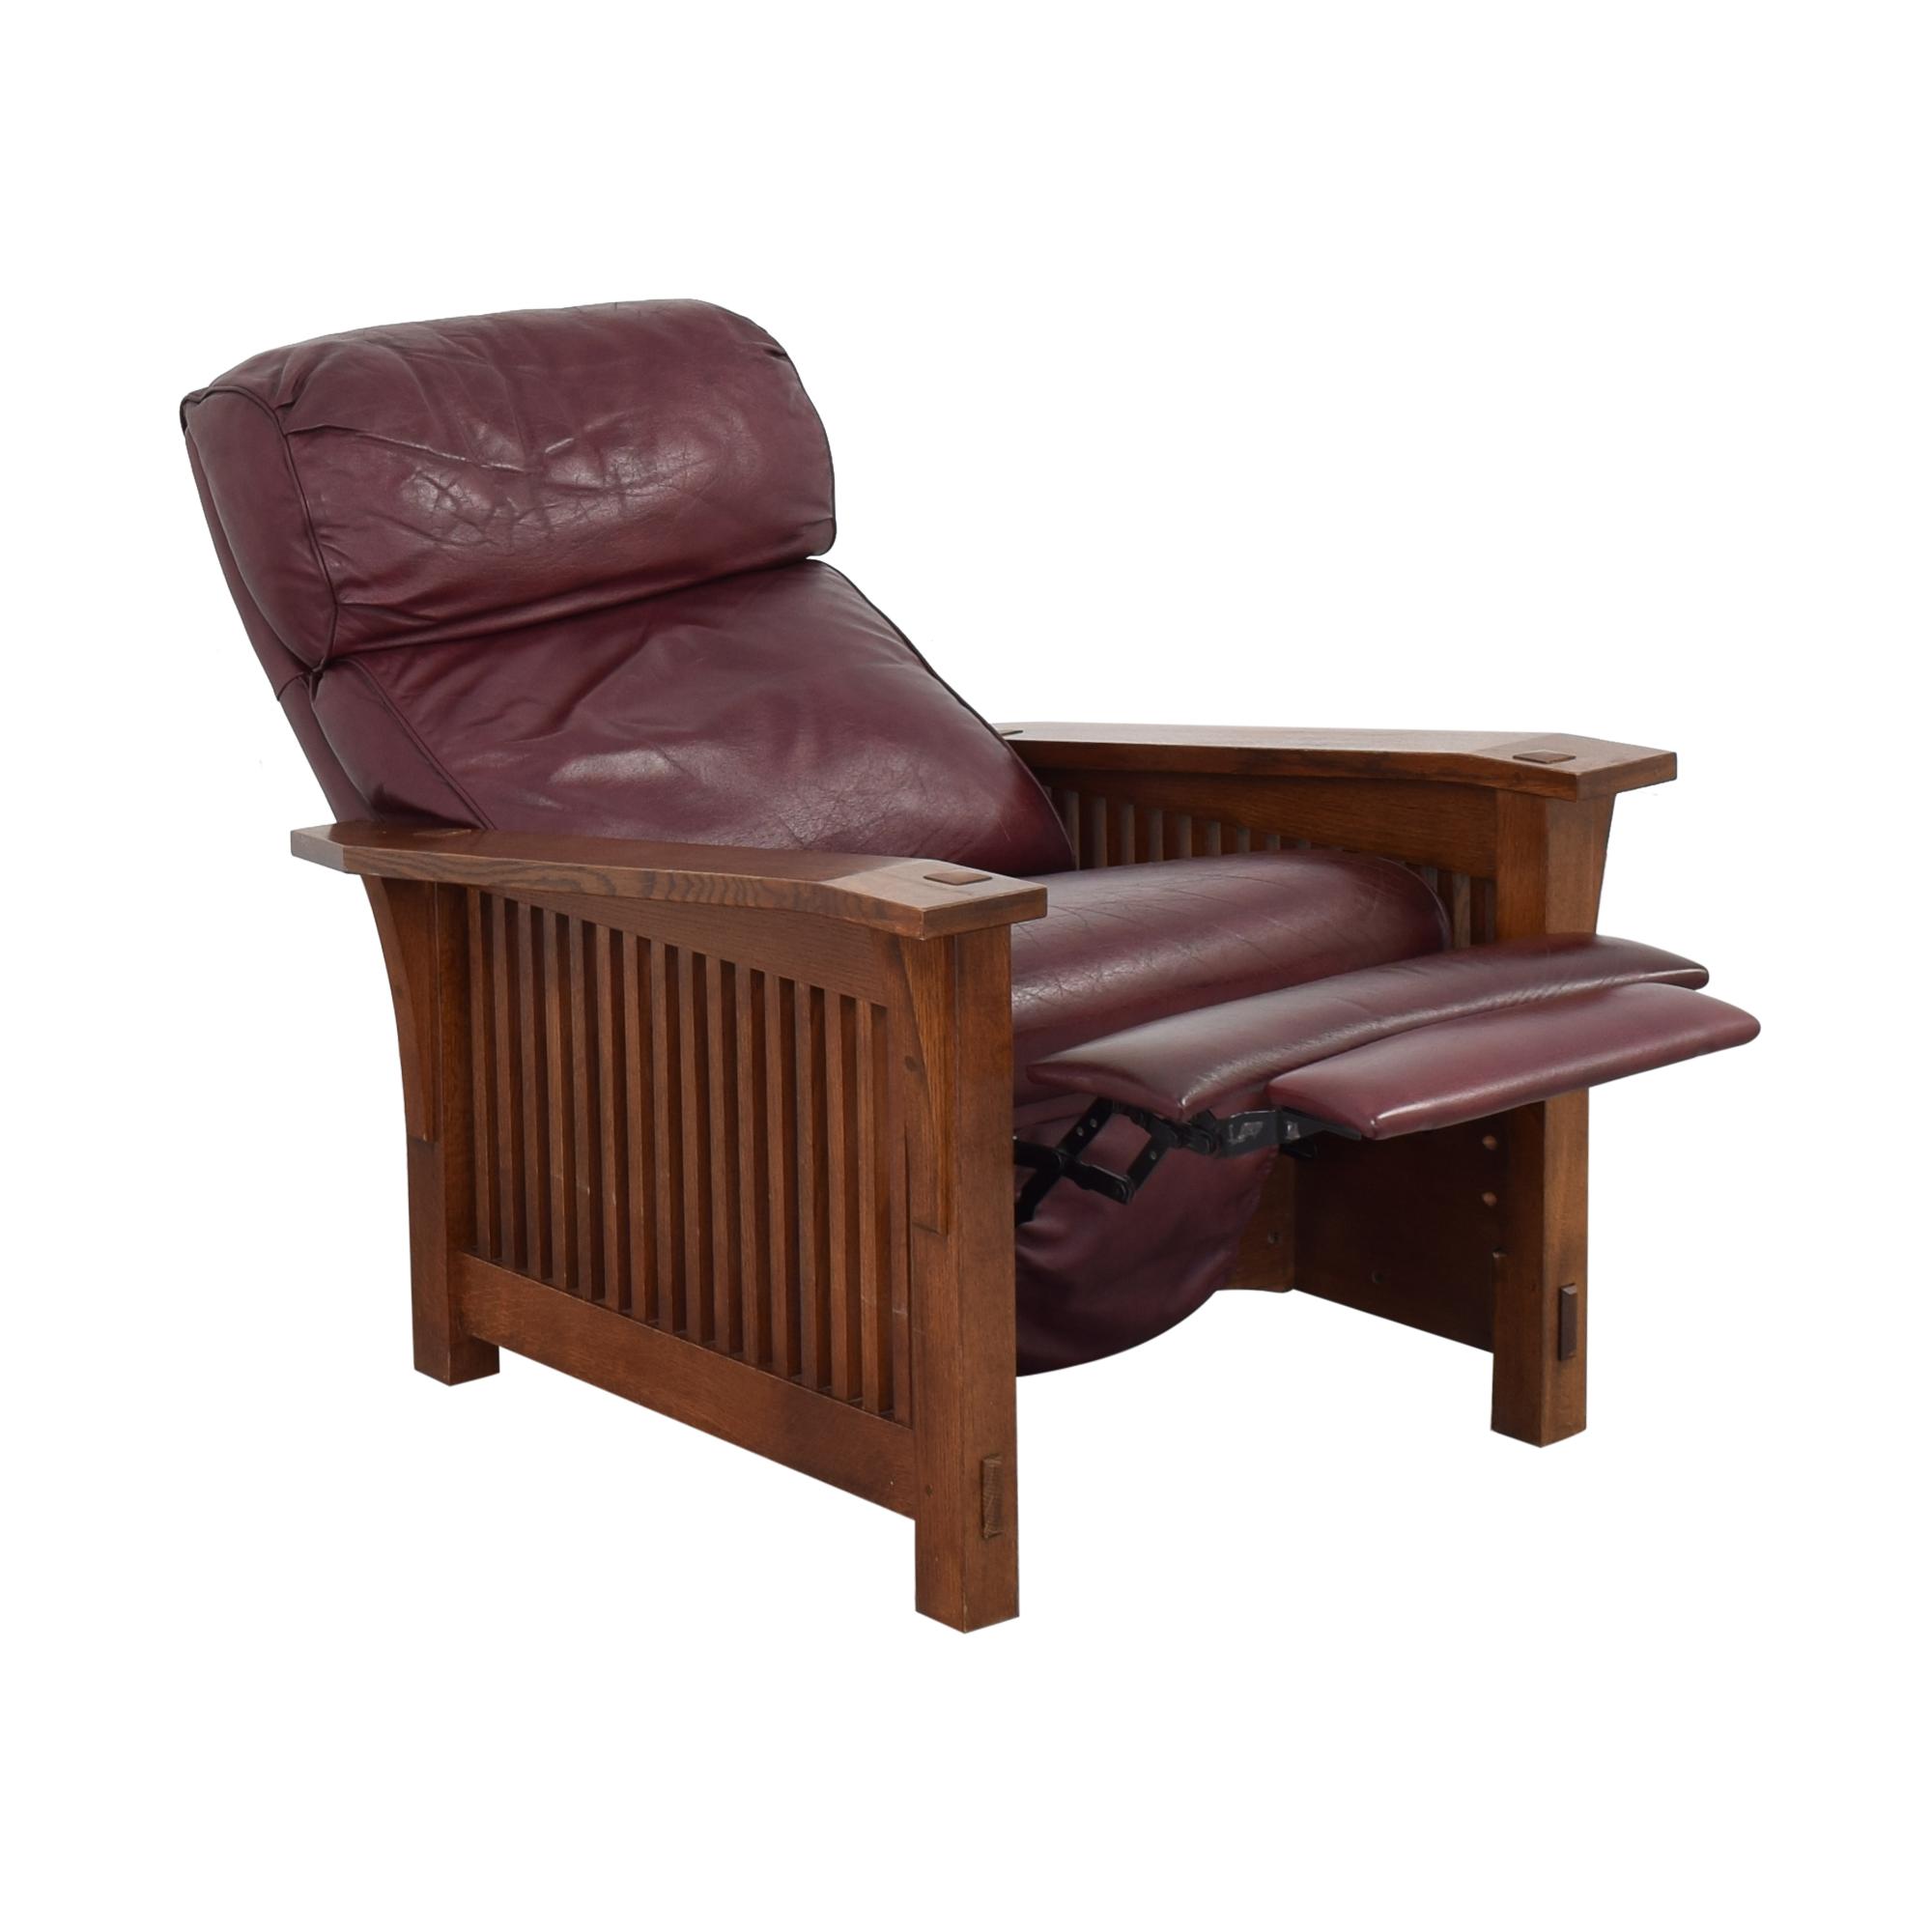 Stickley Furniture Stickley Spindle Morris Recliner ct